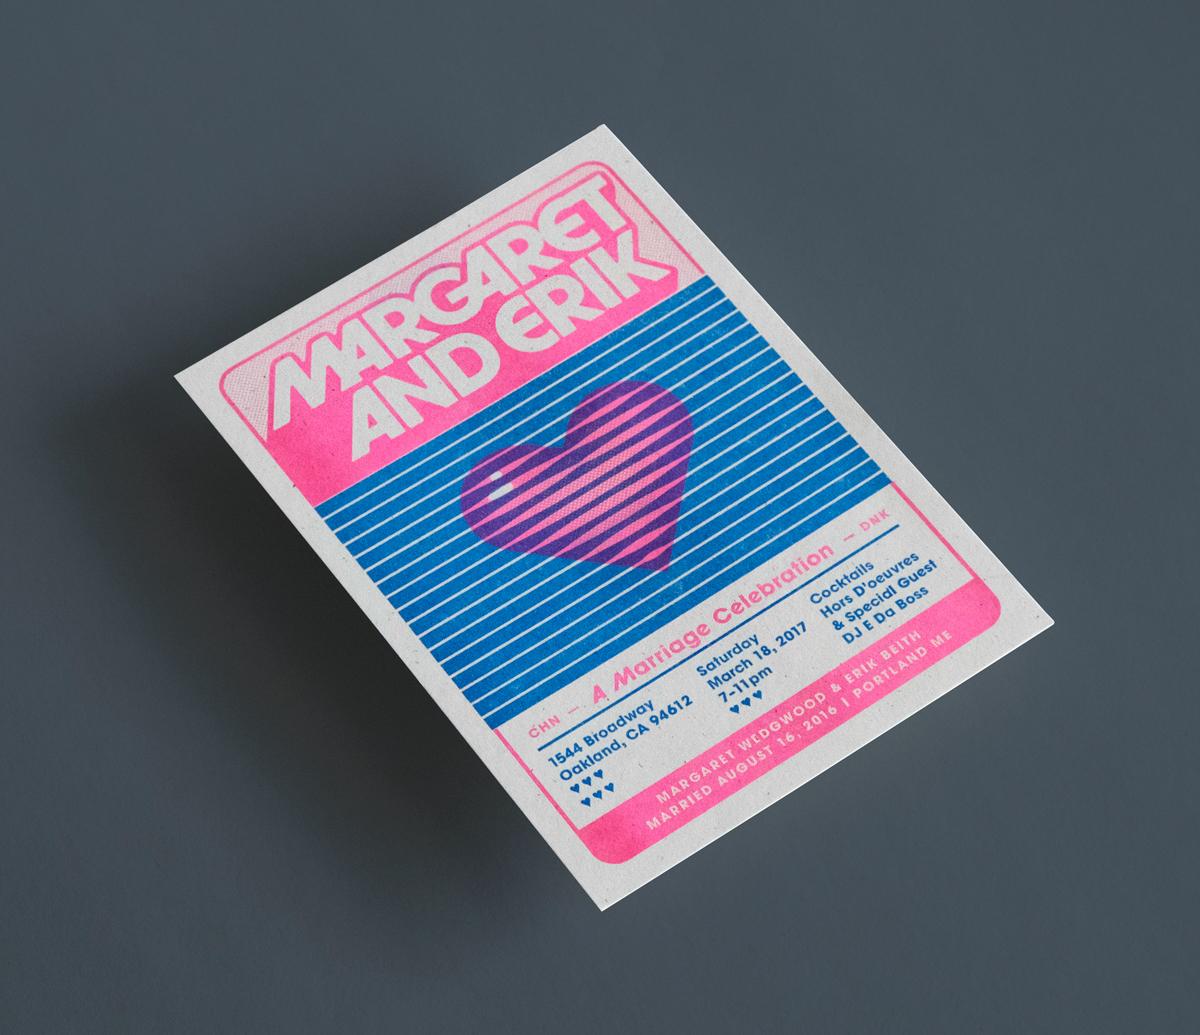 M&E_Print_04.jpg